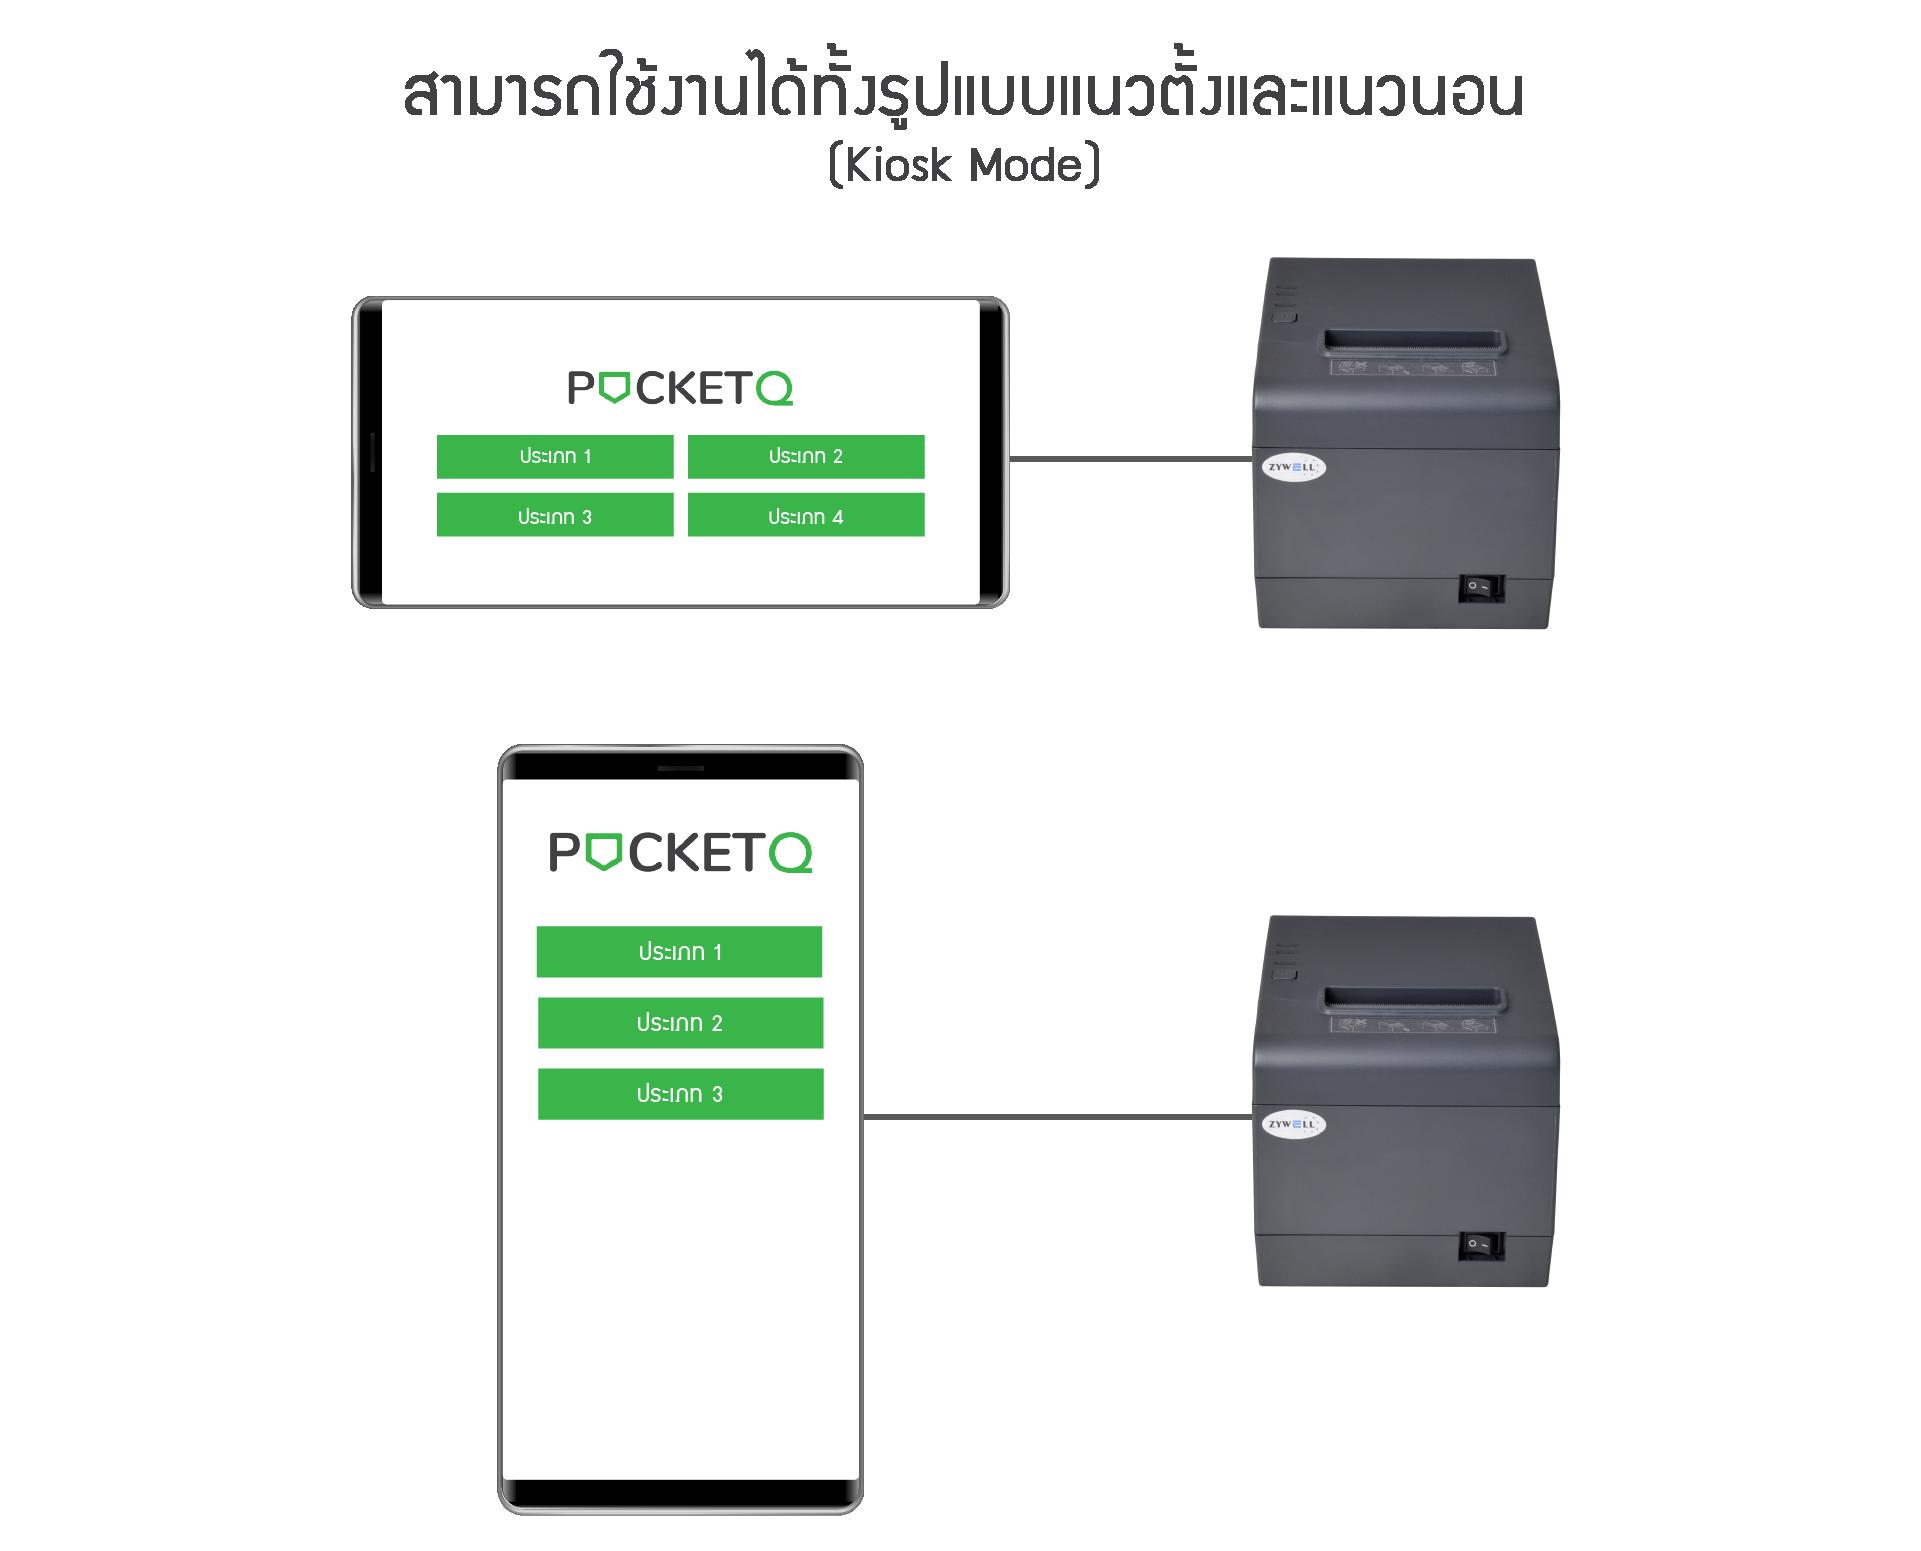 สามารถใช้งานได้ทั้งรูปแบบแนวตั้งและแนวนอน (Kiosk Mode)